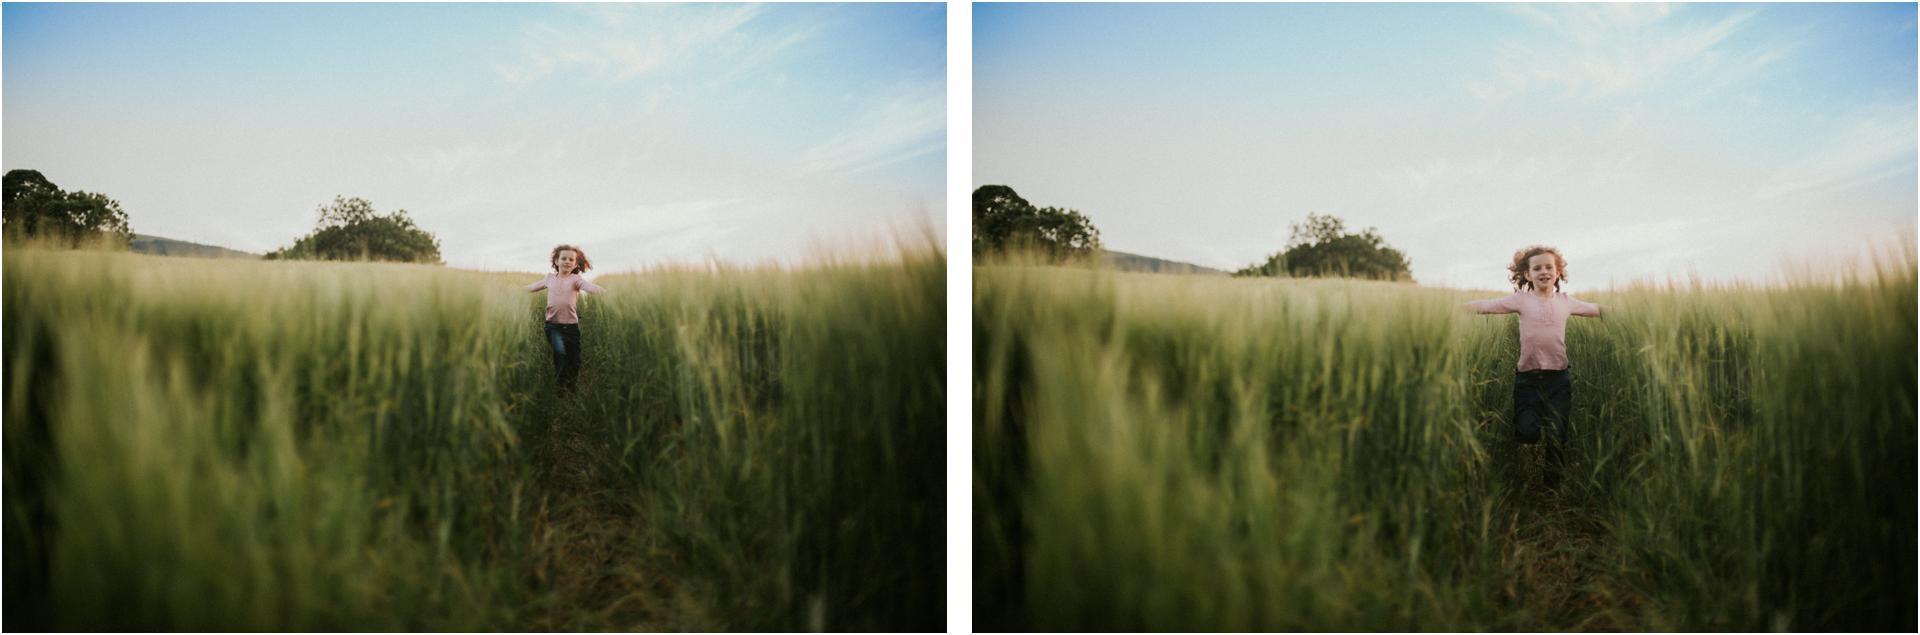 barleyearsandfoxcubs17